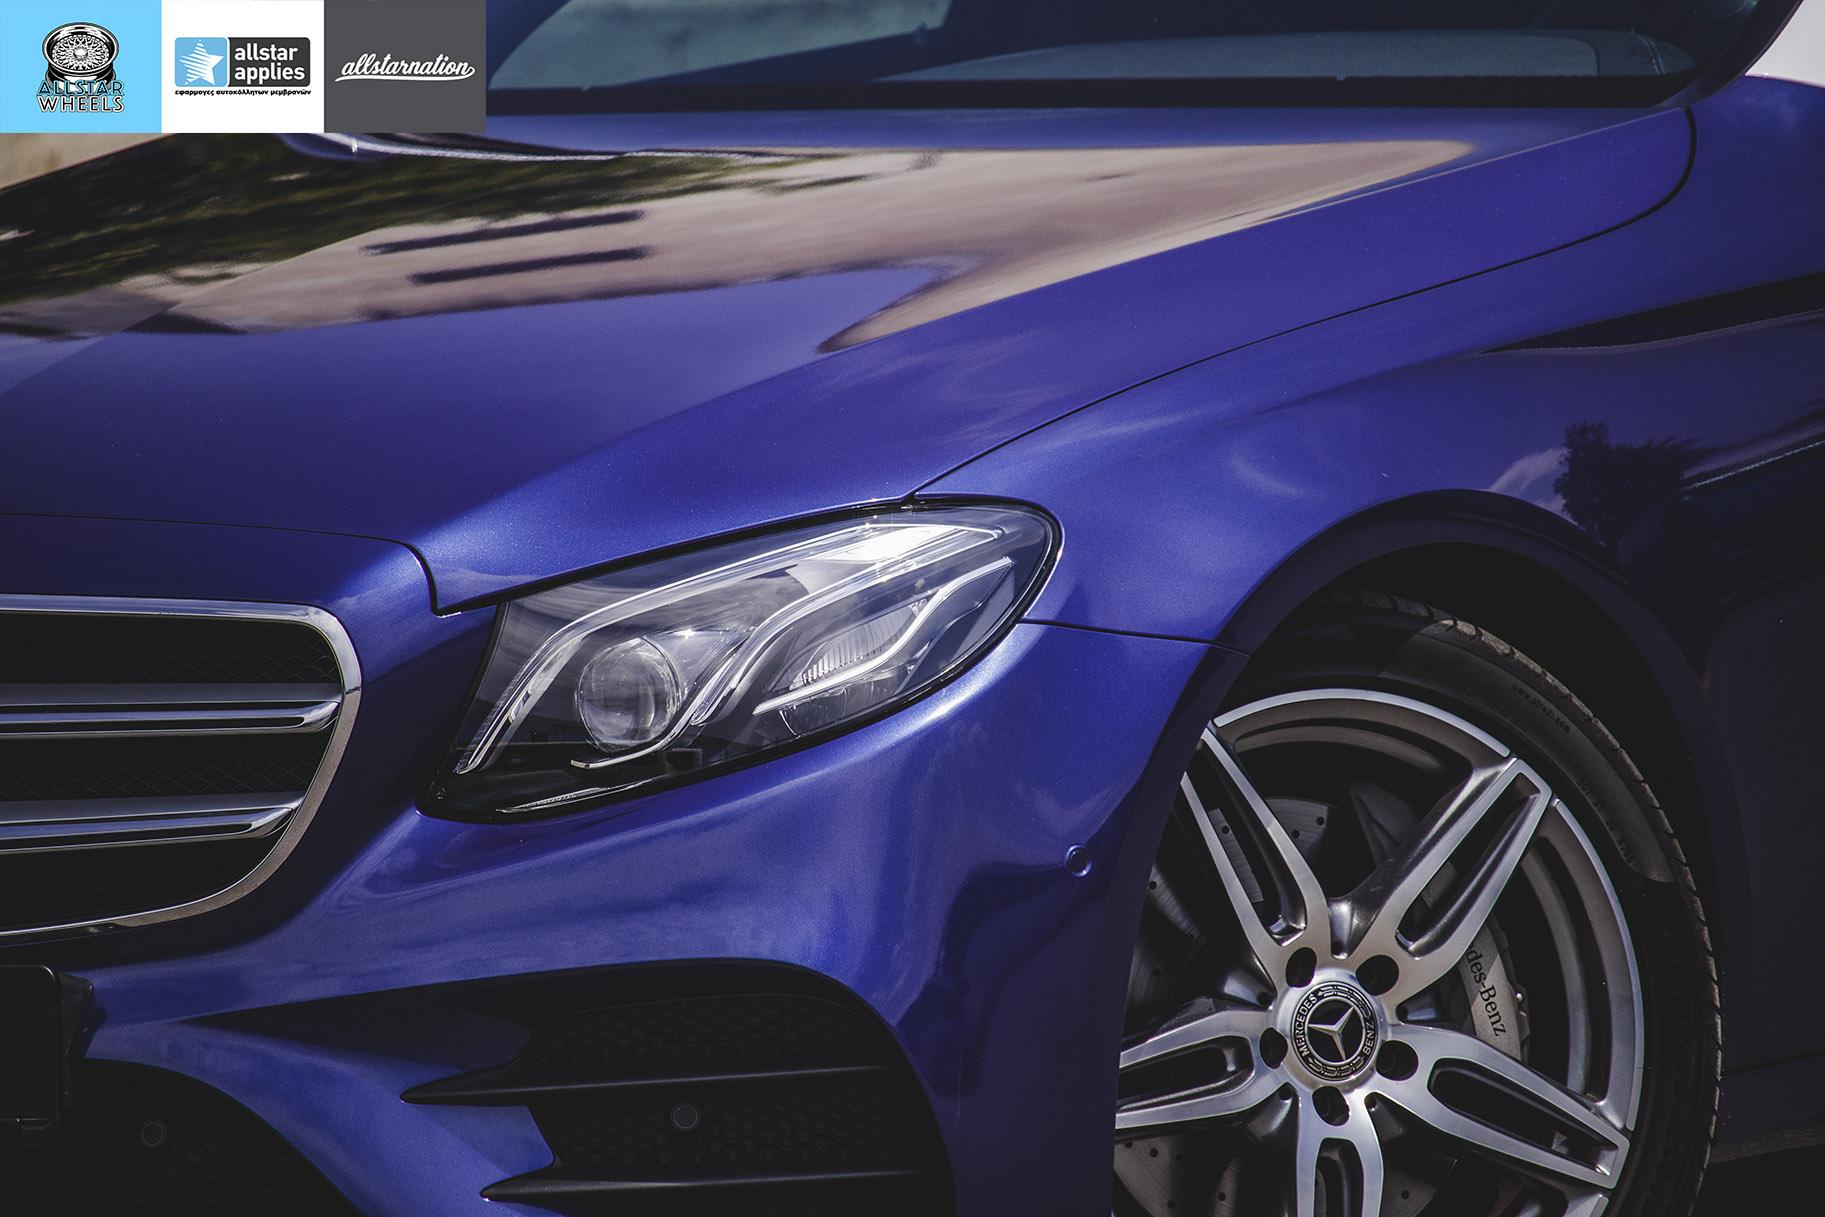 Μεμβράνες προστασίας χρώματος σε Mecedes Benz E Class AMG | Allstar Applies | Θεσσαλονίκη